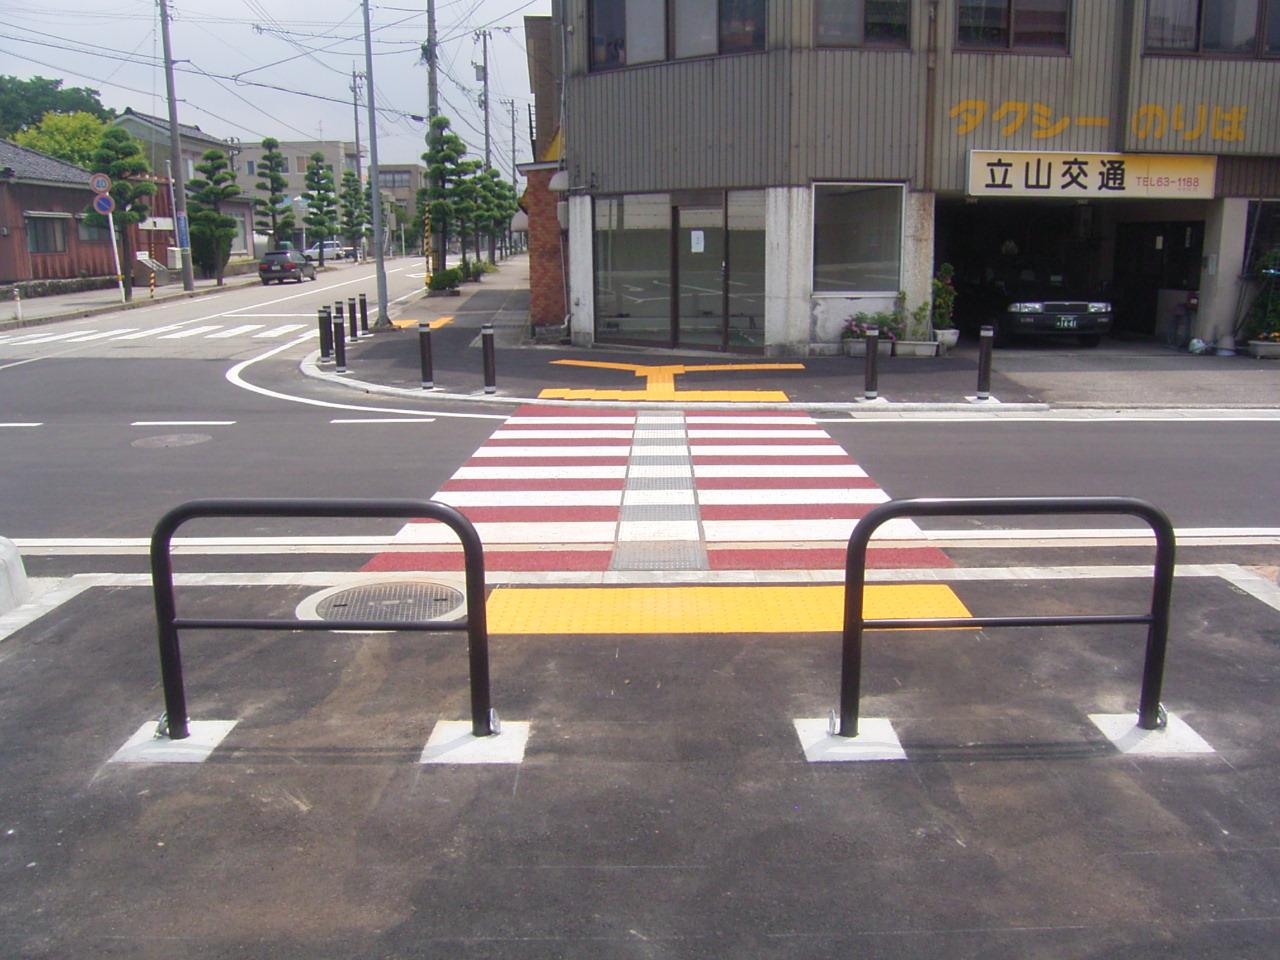 防護柵・防止柵(ガードレール・フェンス) 施工事例20